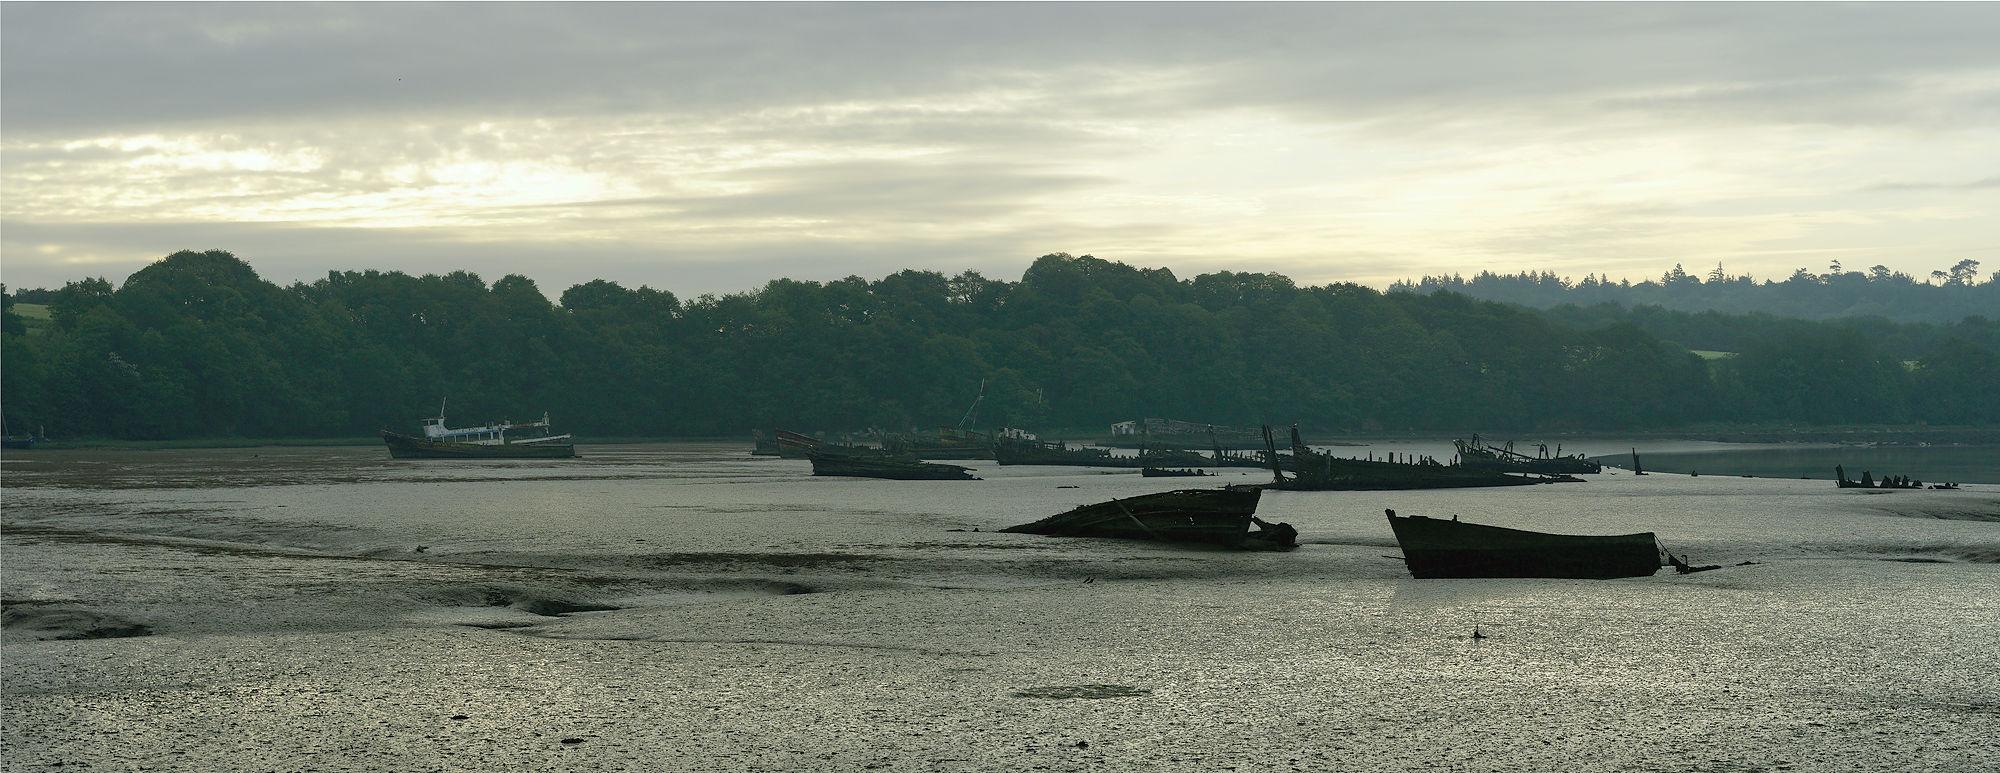 * Cimetière du Bateaux ~ Abschiedsbild am Morgen *